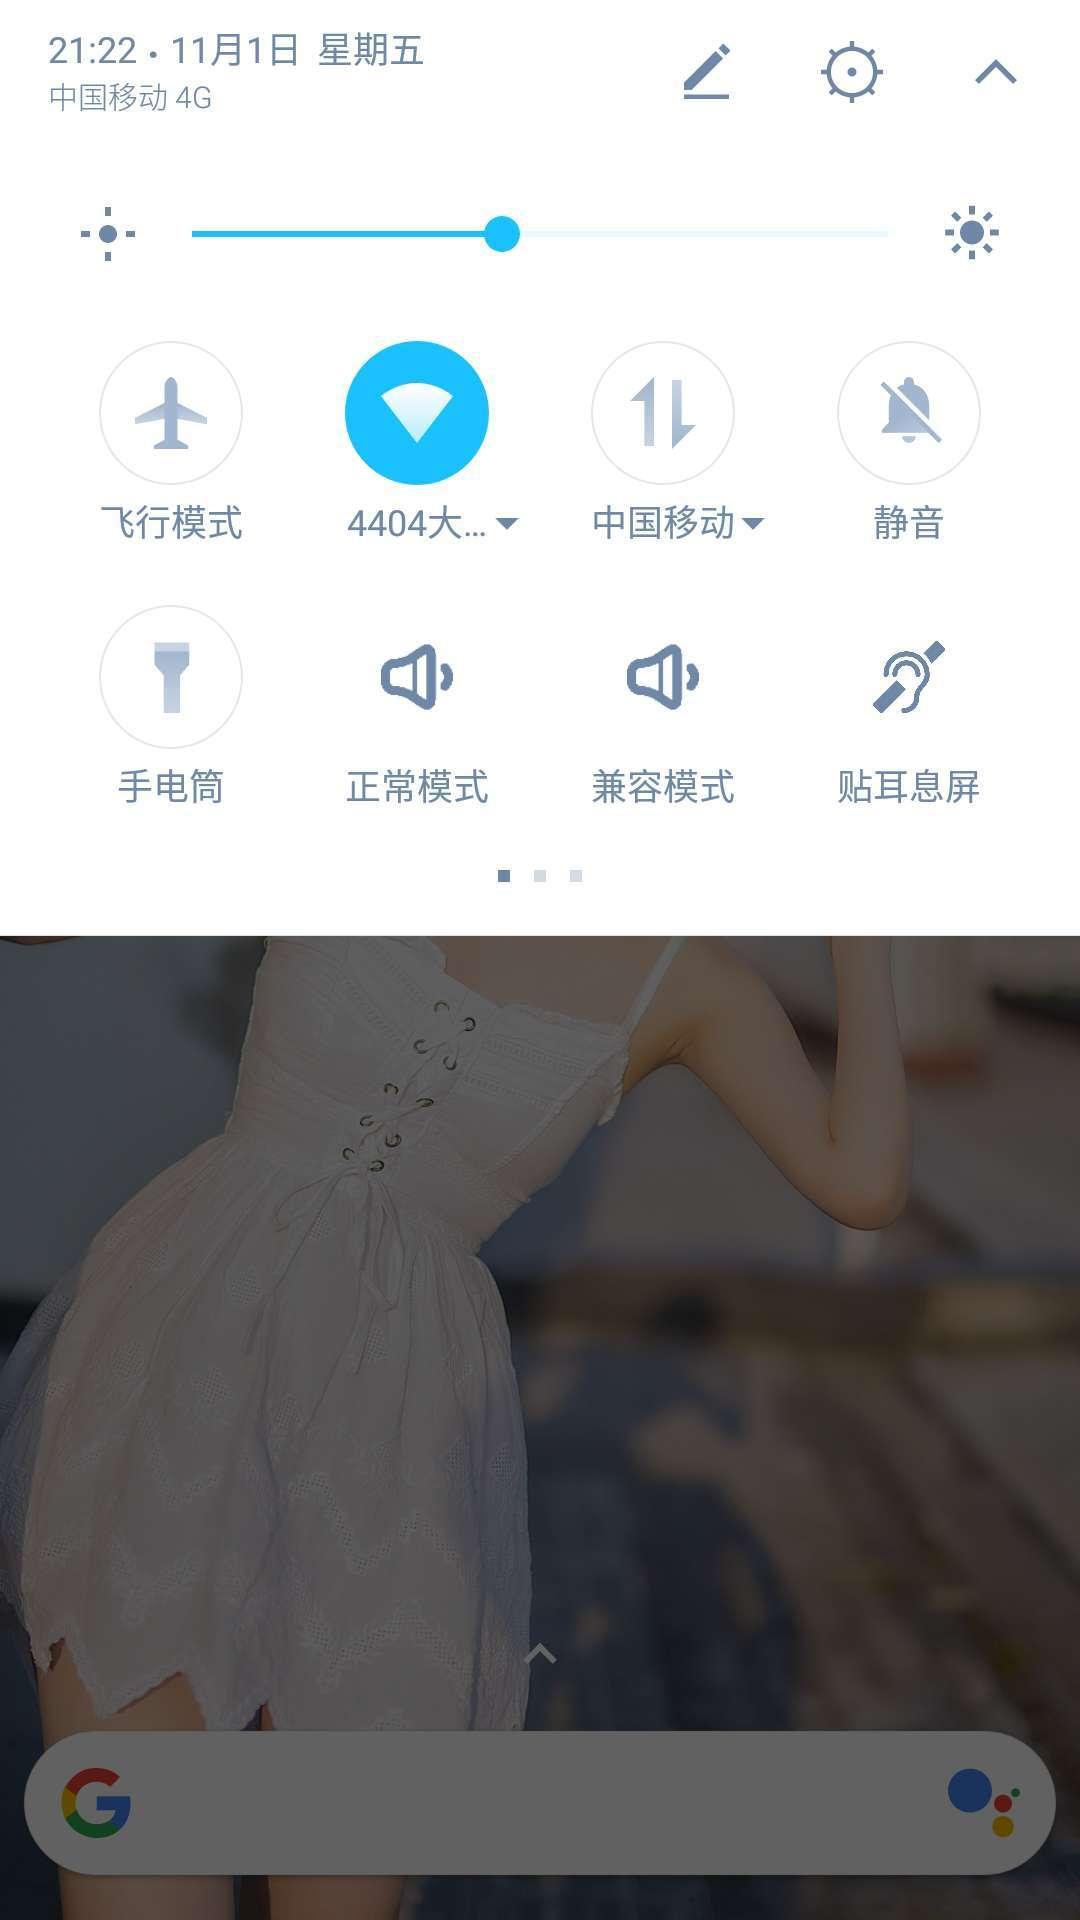 【分享】完全静音 V2.4 Android